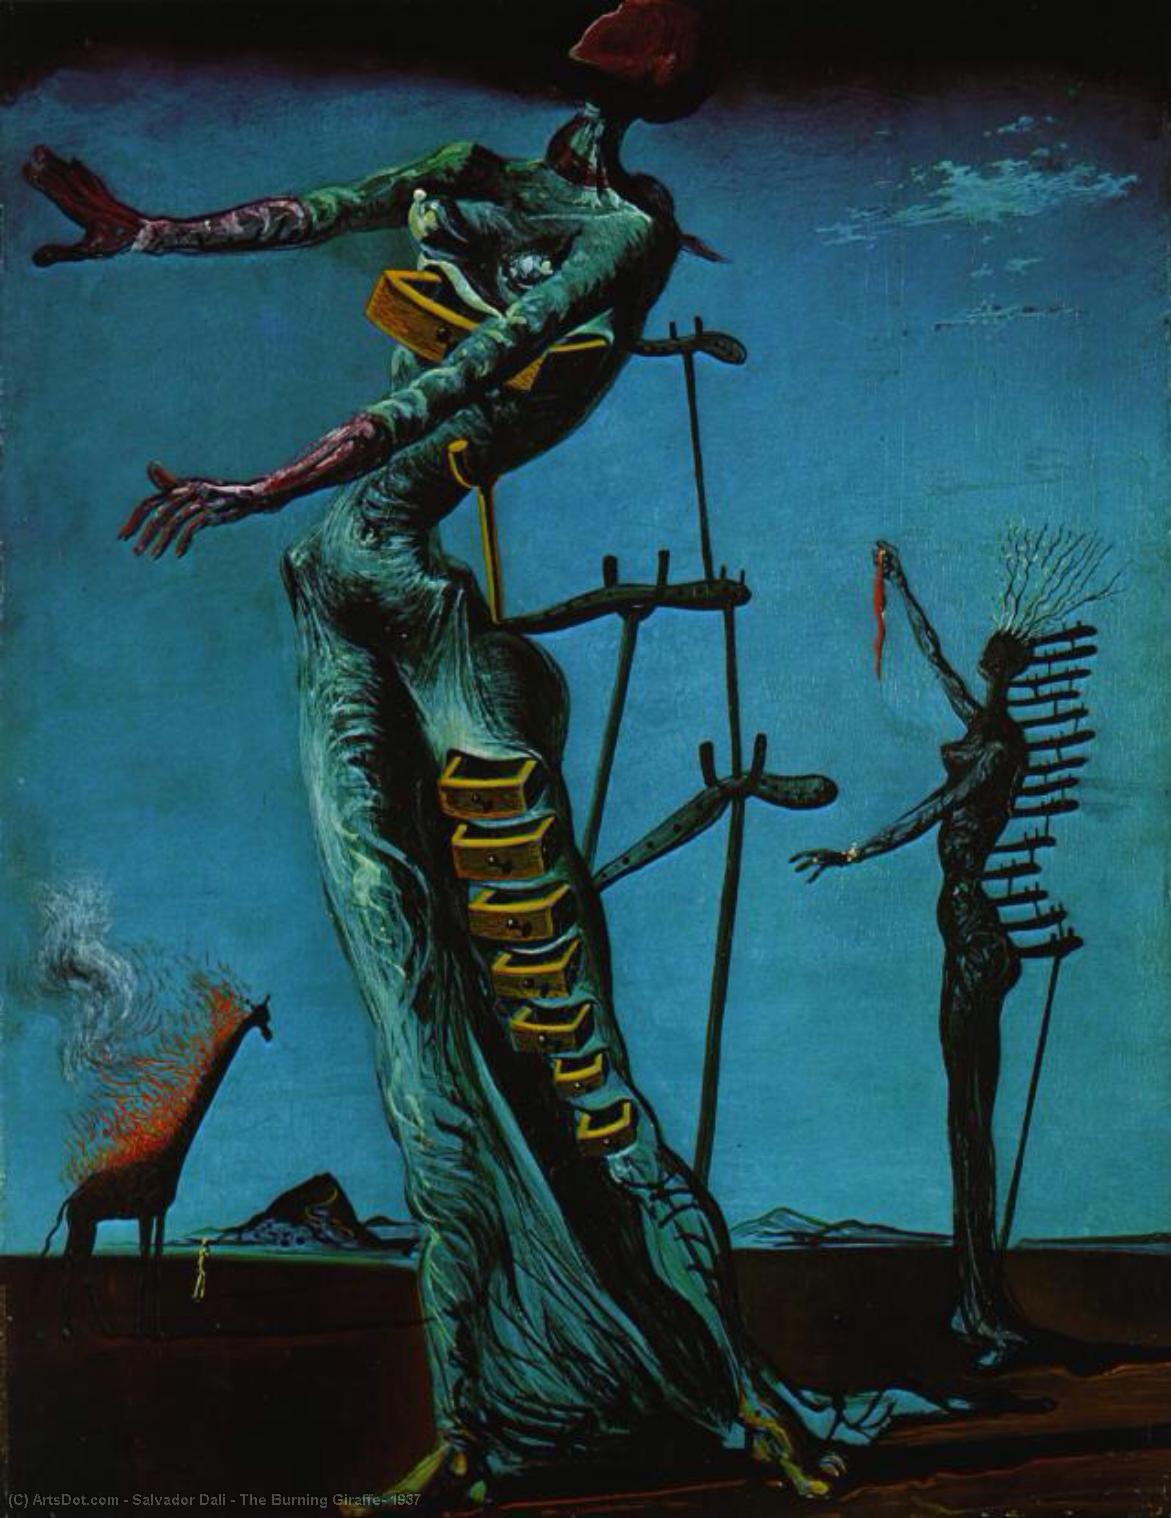 WikiOO.org - Enciclopédia das Belas Artes - Pintura, Arte por Salvador Dali - The Burning Giraffe, 1937